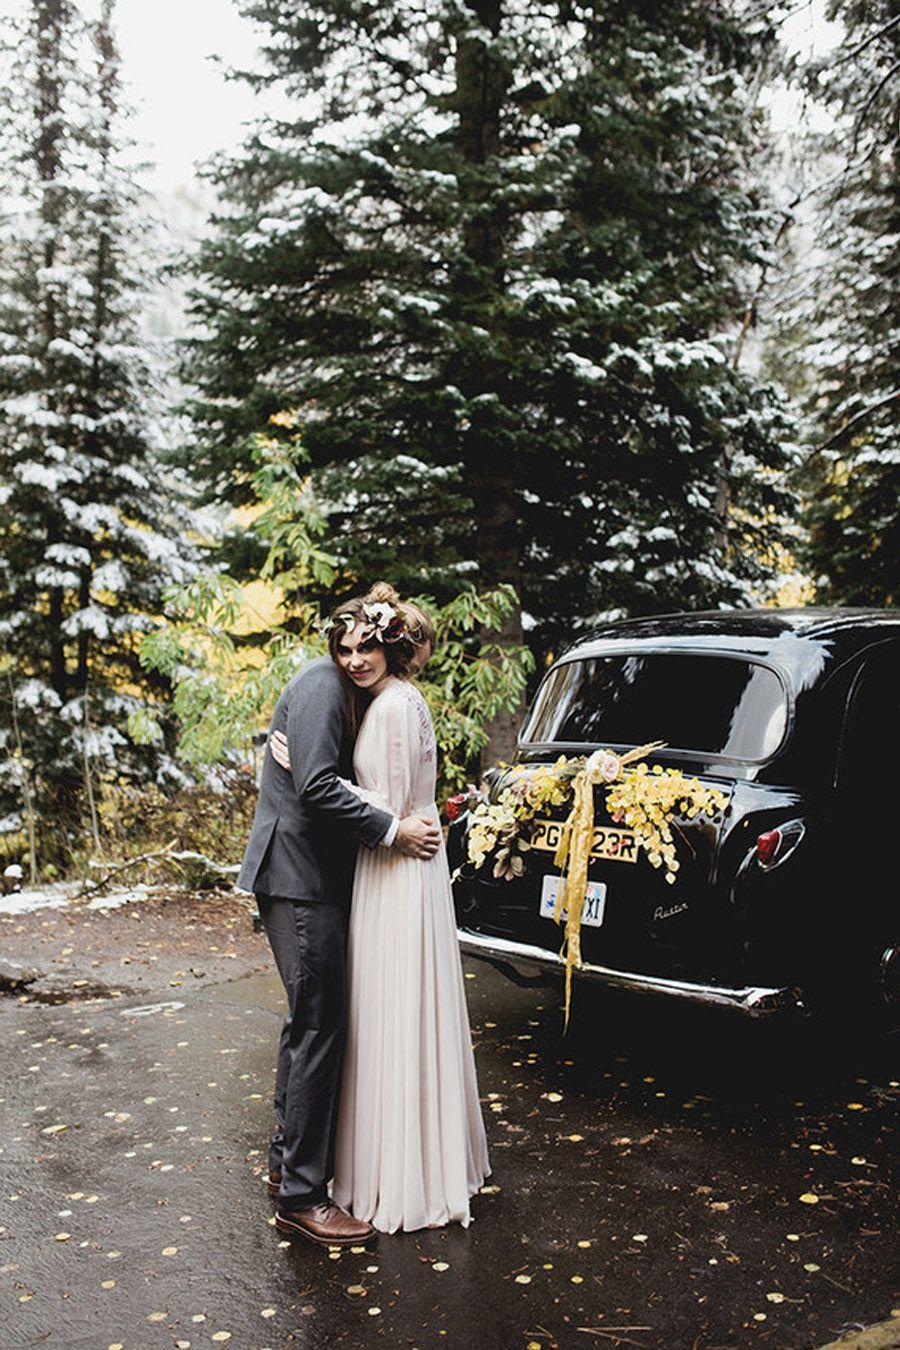 UNA BODA DE INVIERNO EN LA MONTAÑA boda-de-invierno